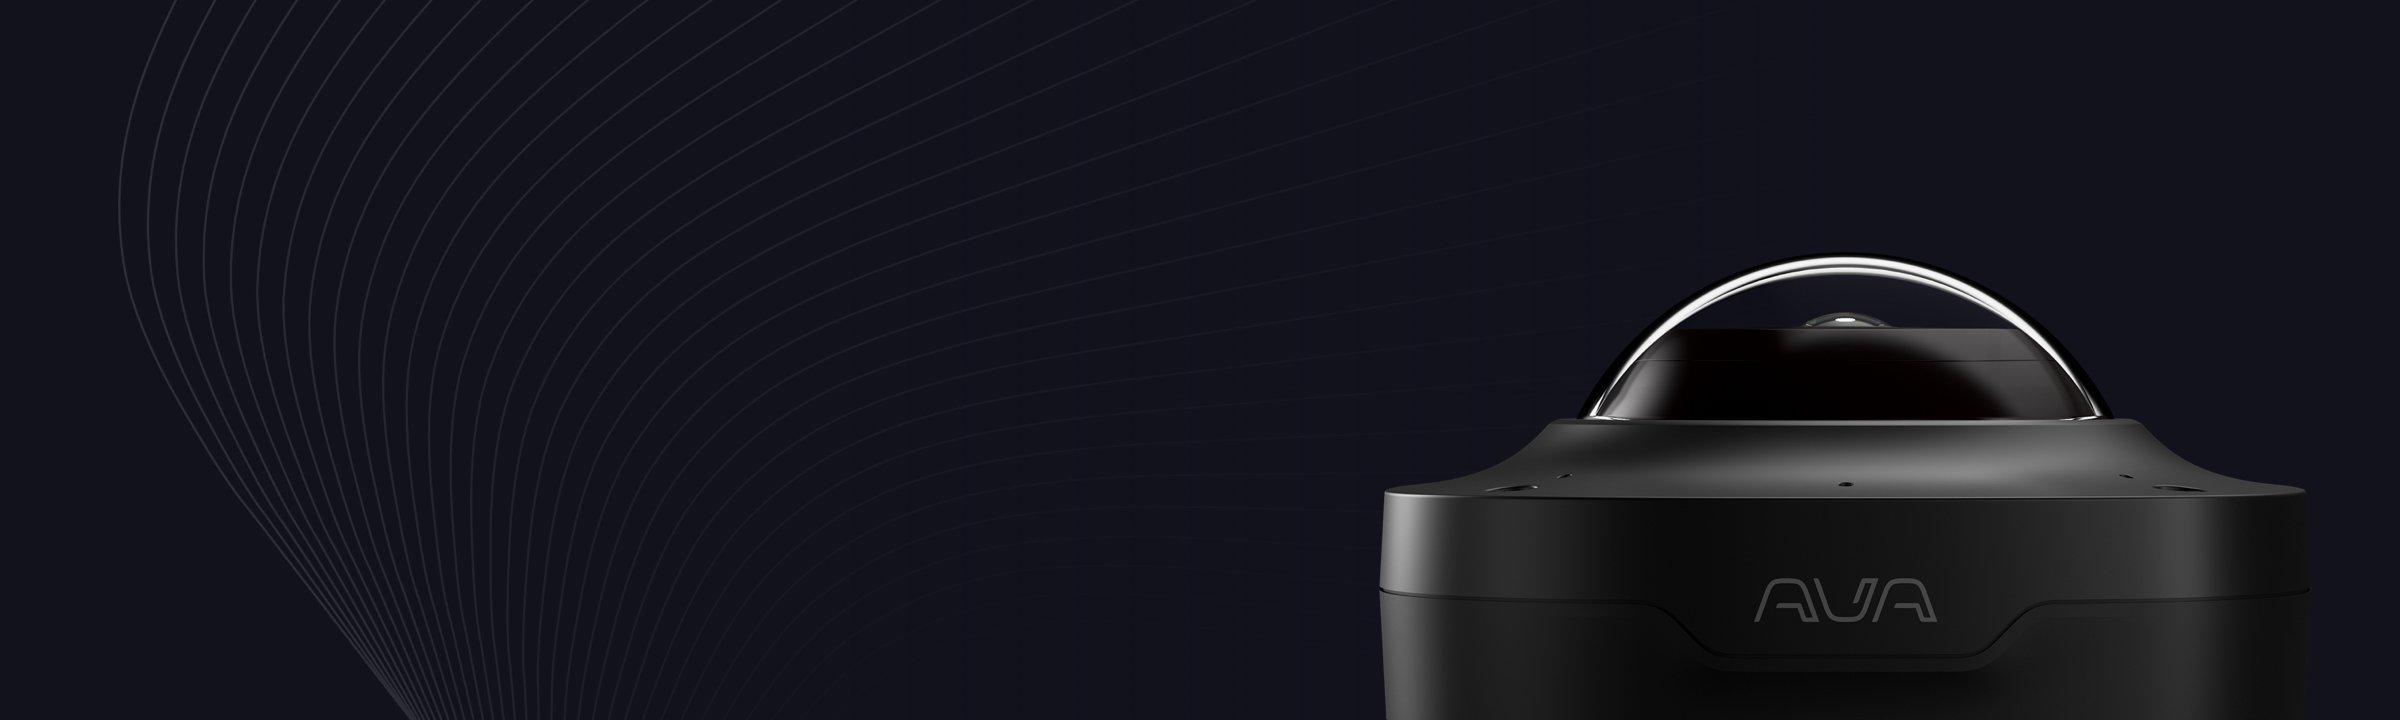 specs-360-header--2x